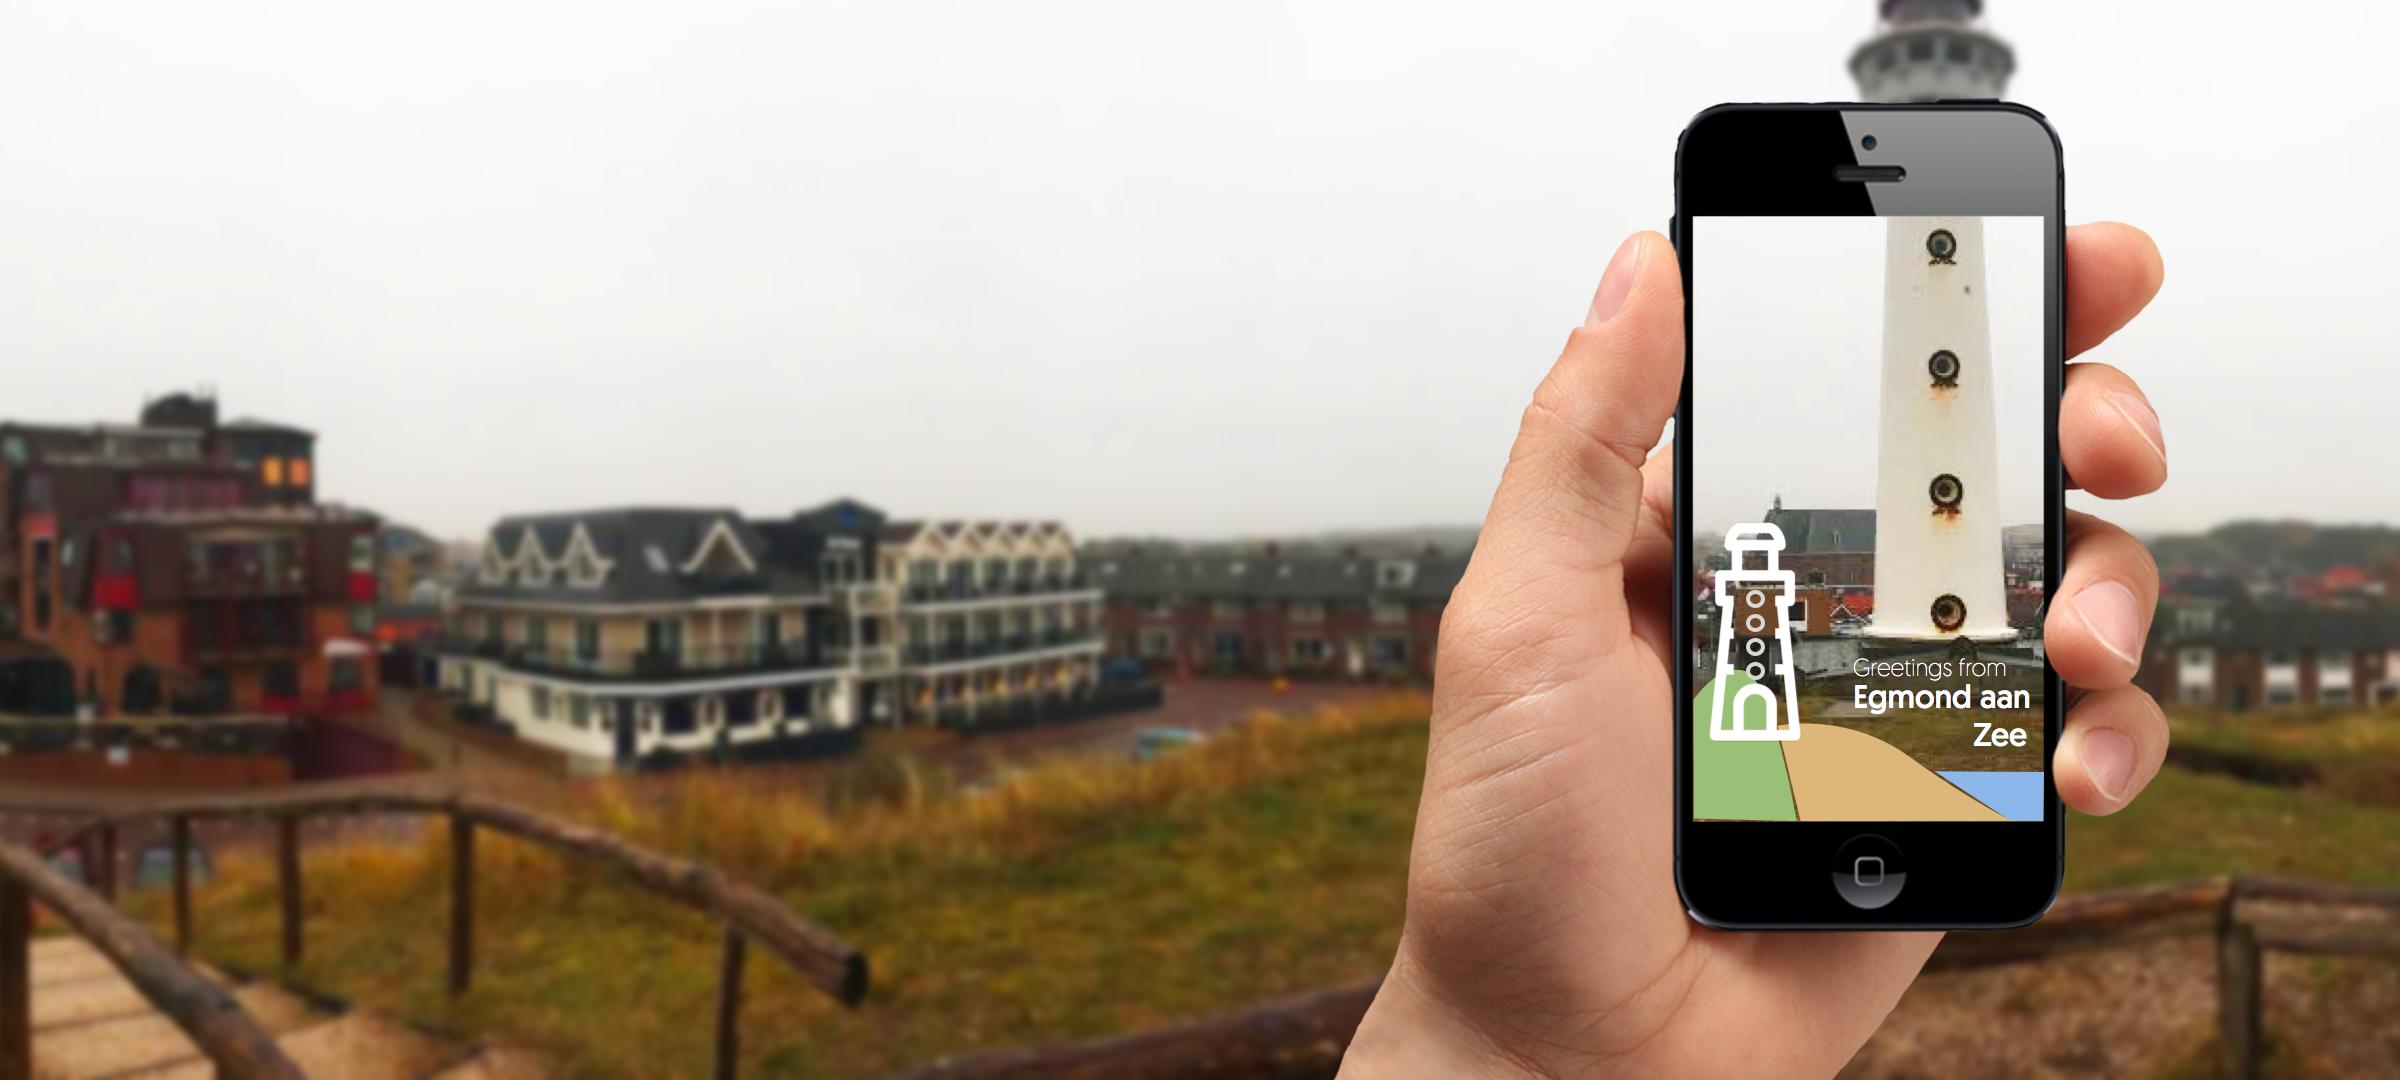 Snapchat Geofilter Egmond aan Zee